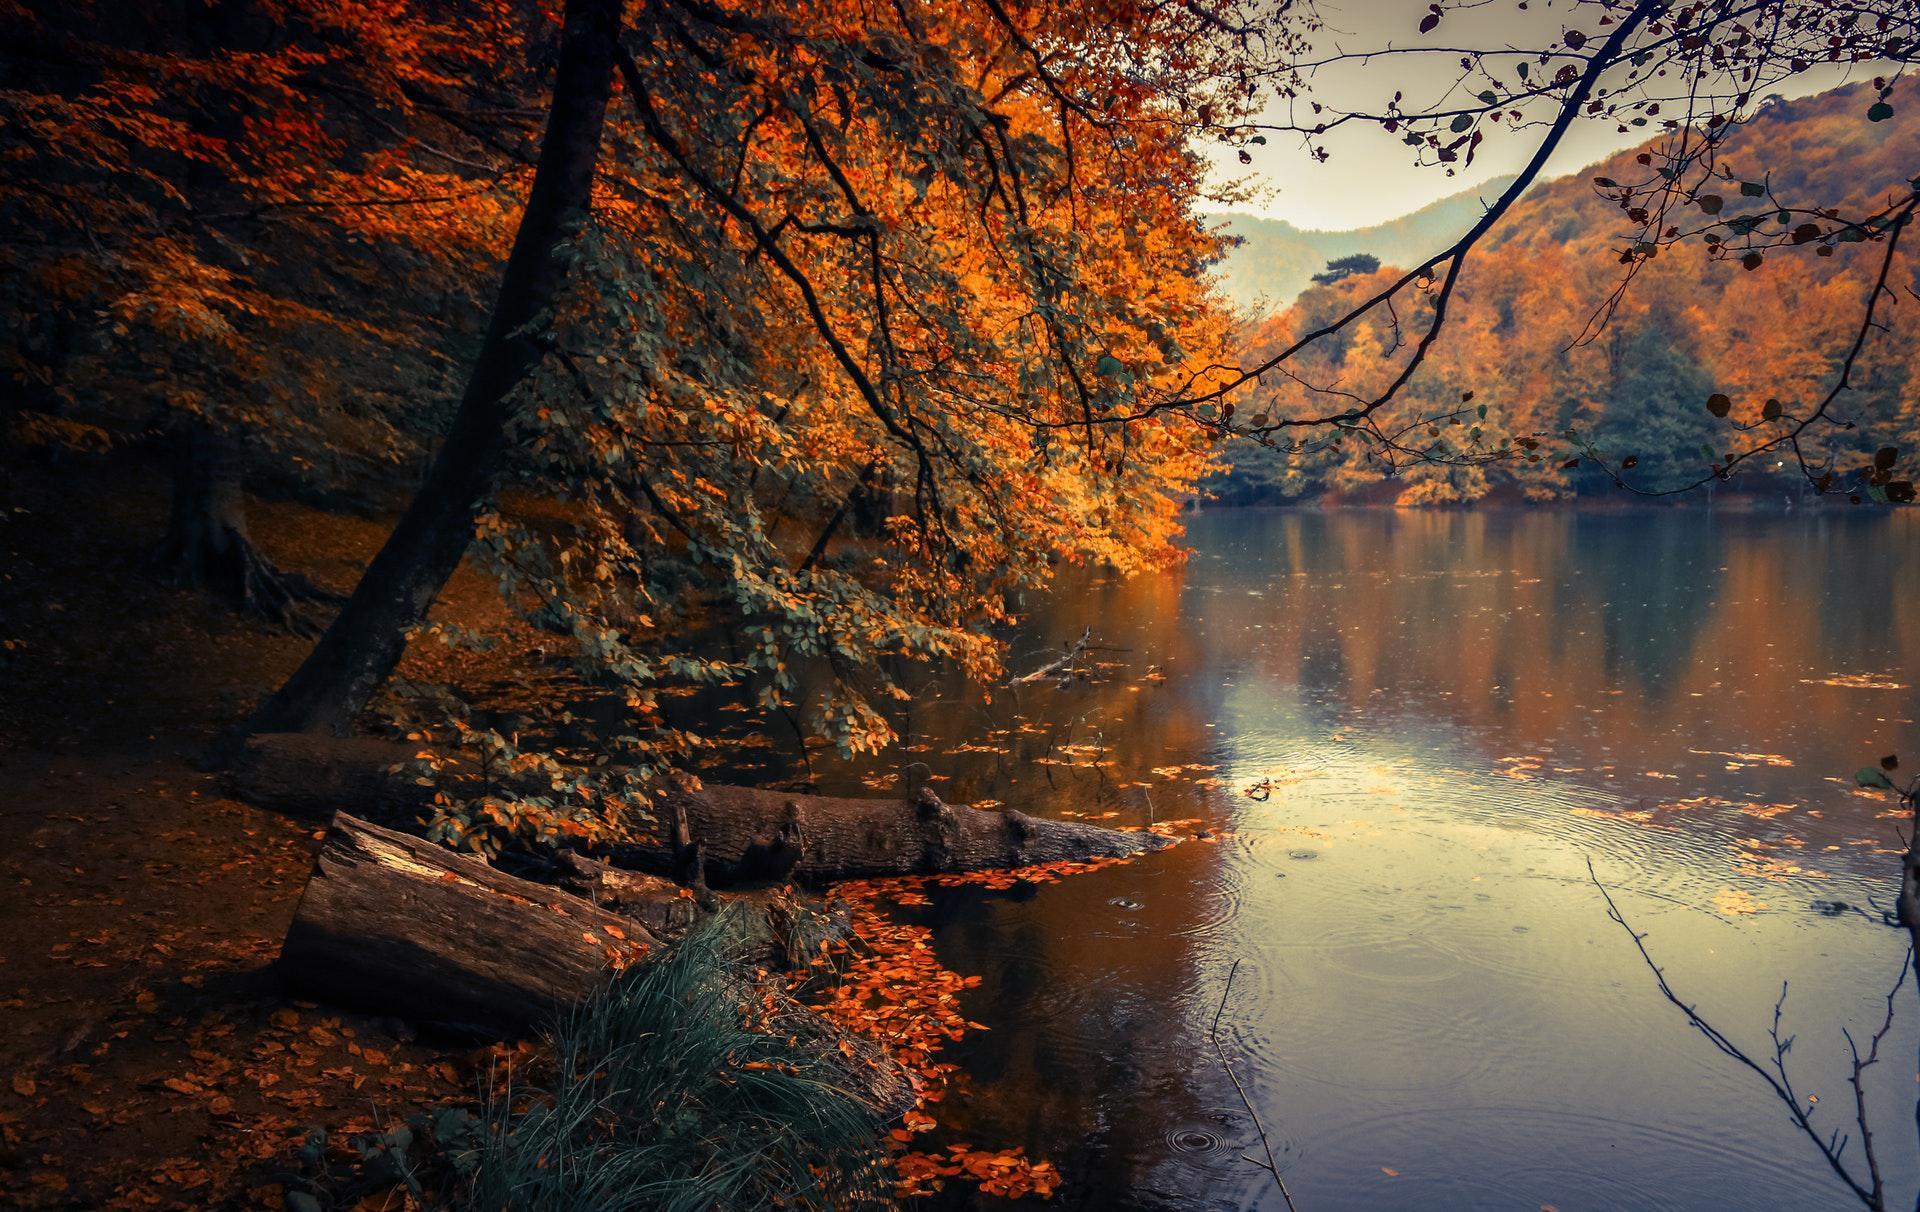 عکس زمینه درختان پاییزی در کنار دریاچه پس زمینه